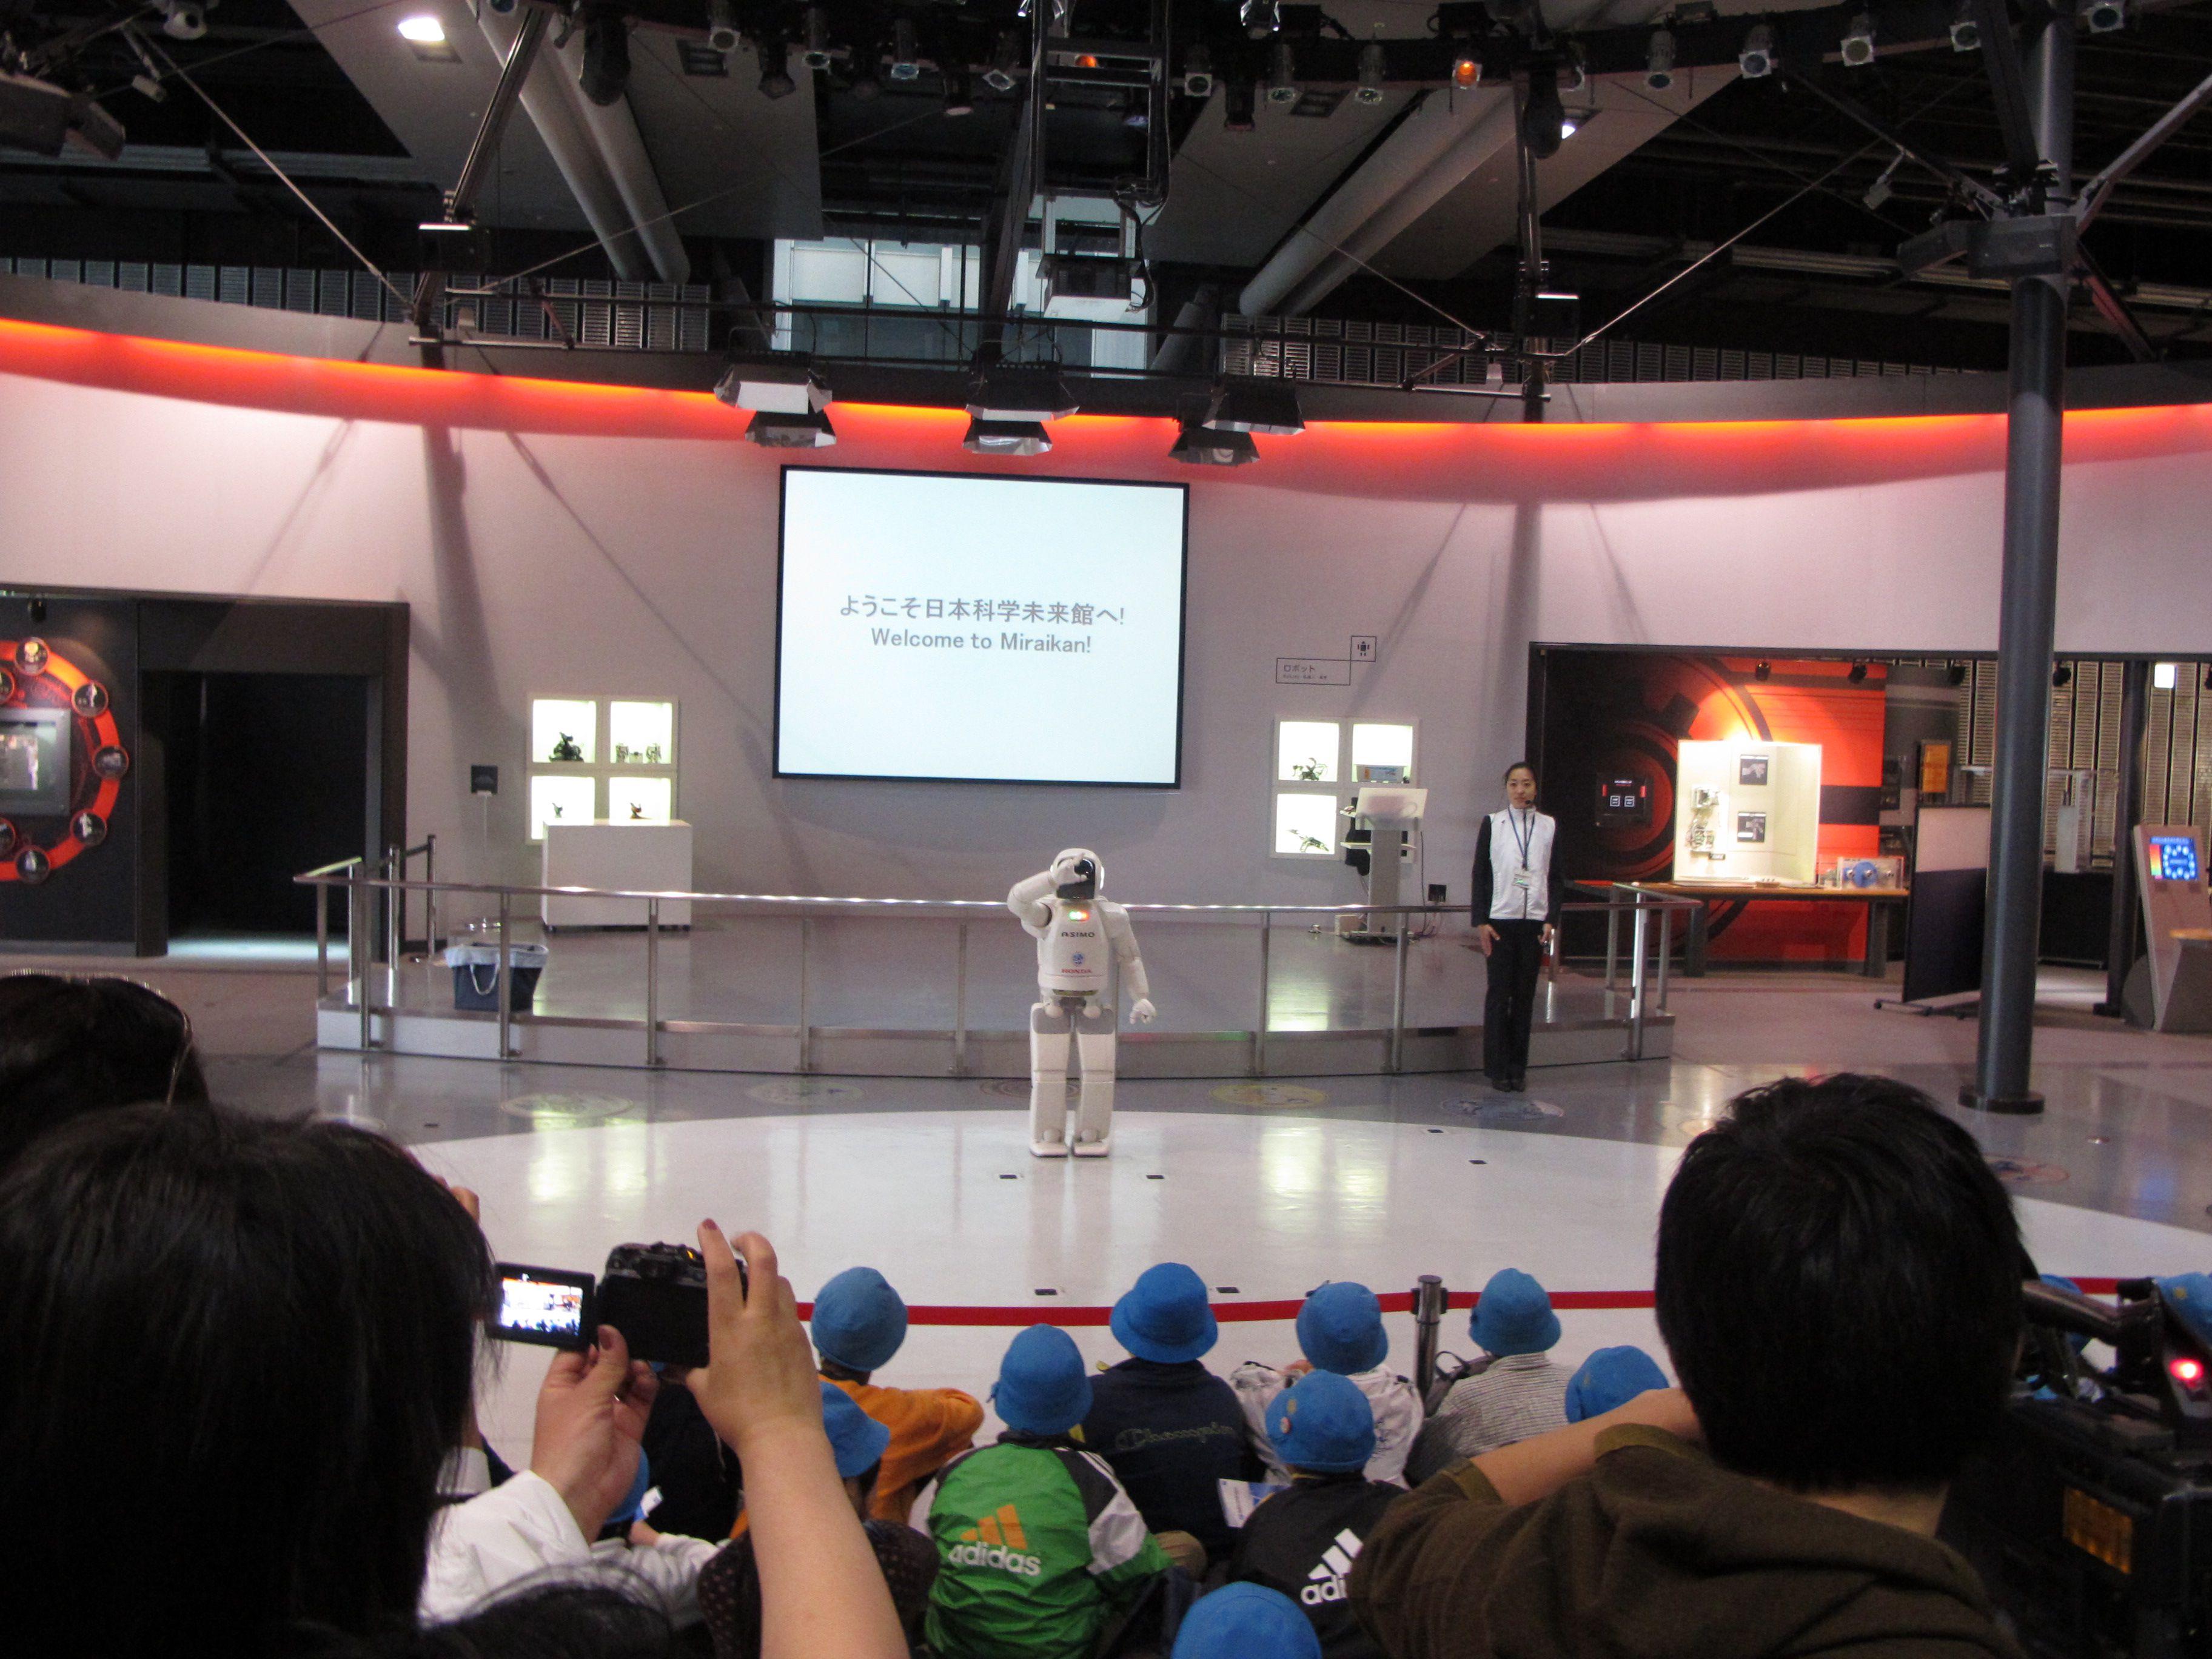 เจ้าหุ่นยนต์ ASIMO จาก HONDA ที่พิพิธภัณฑ์วิทยาศาสตร์ มิไรคัง (Miraikan)